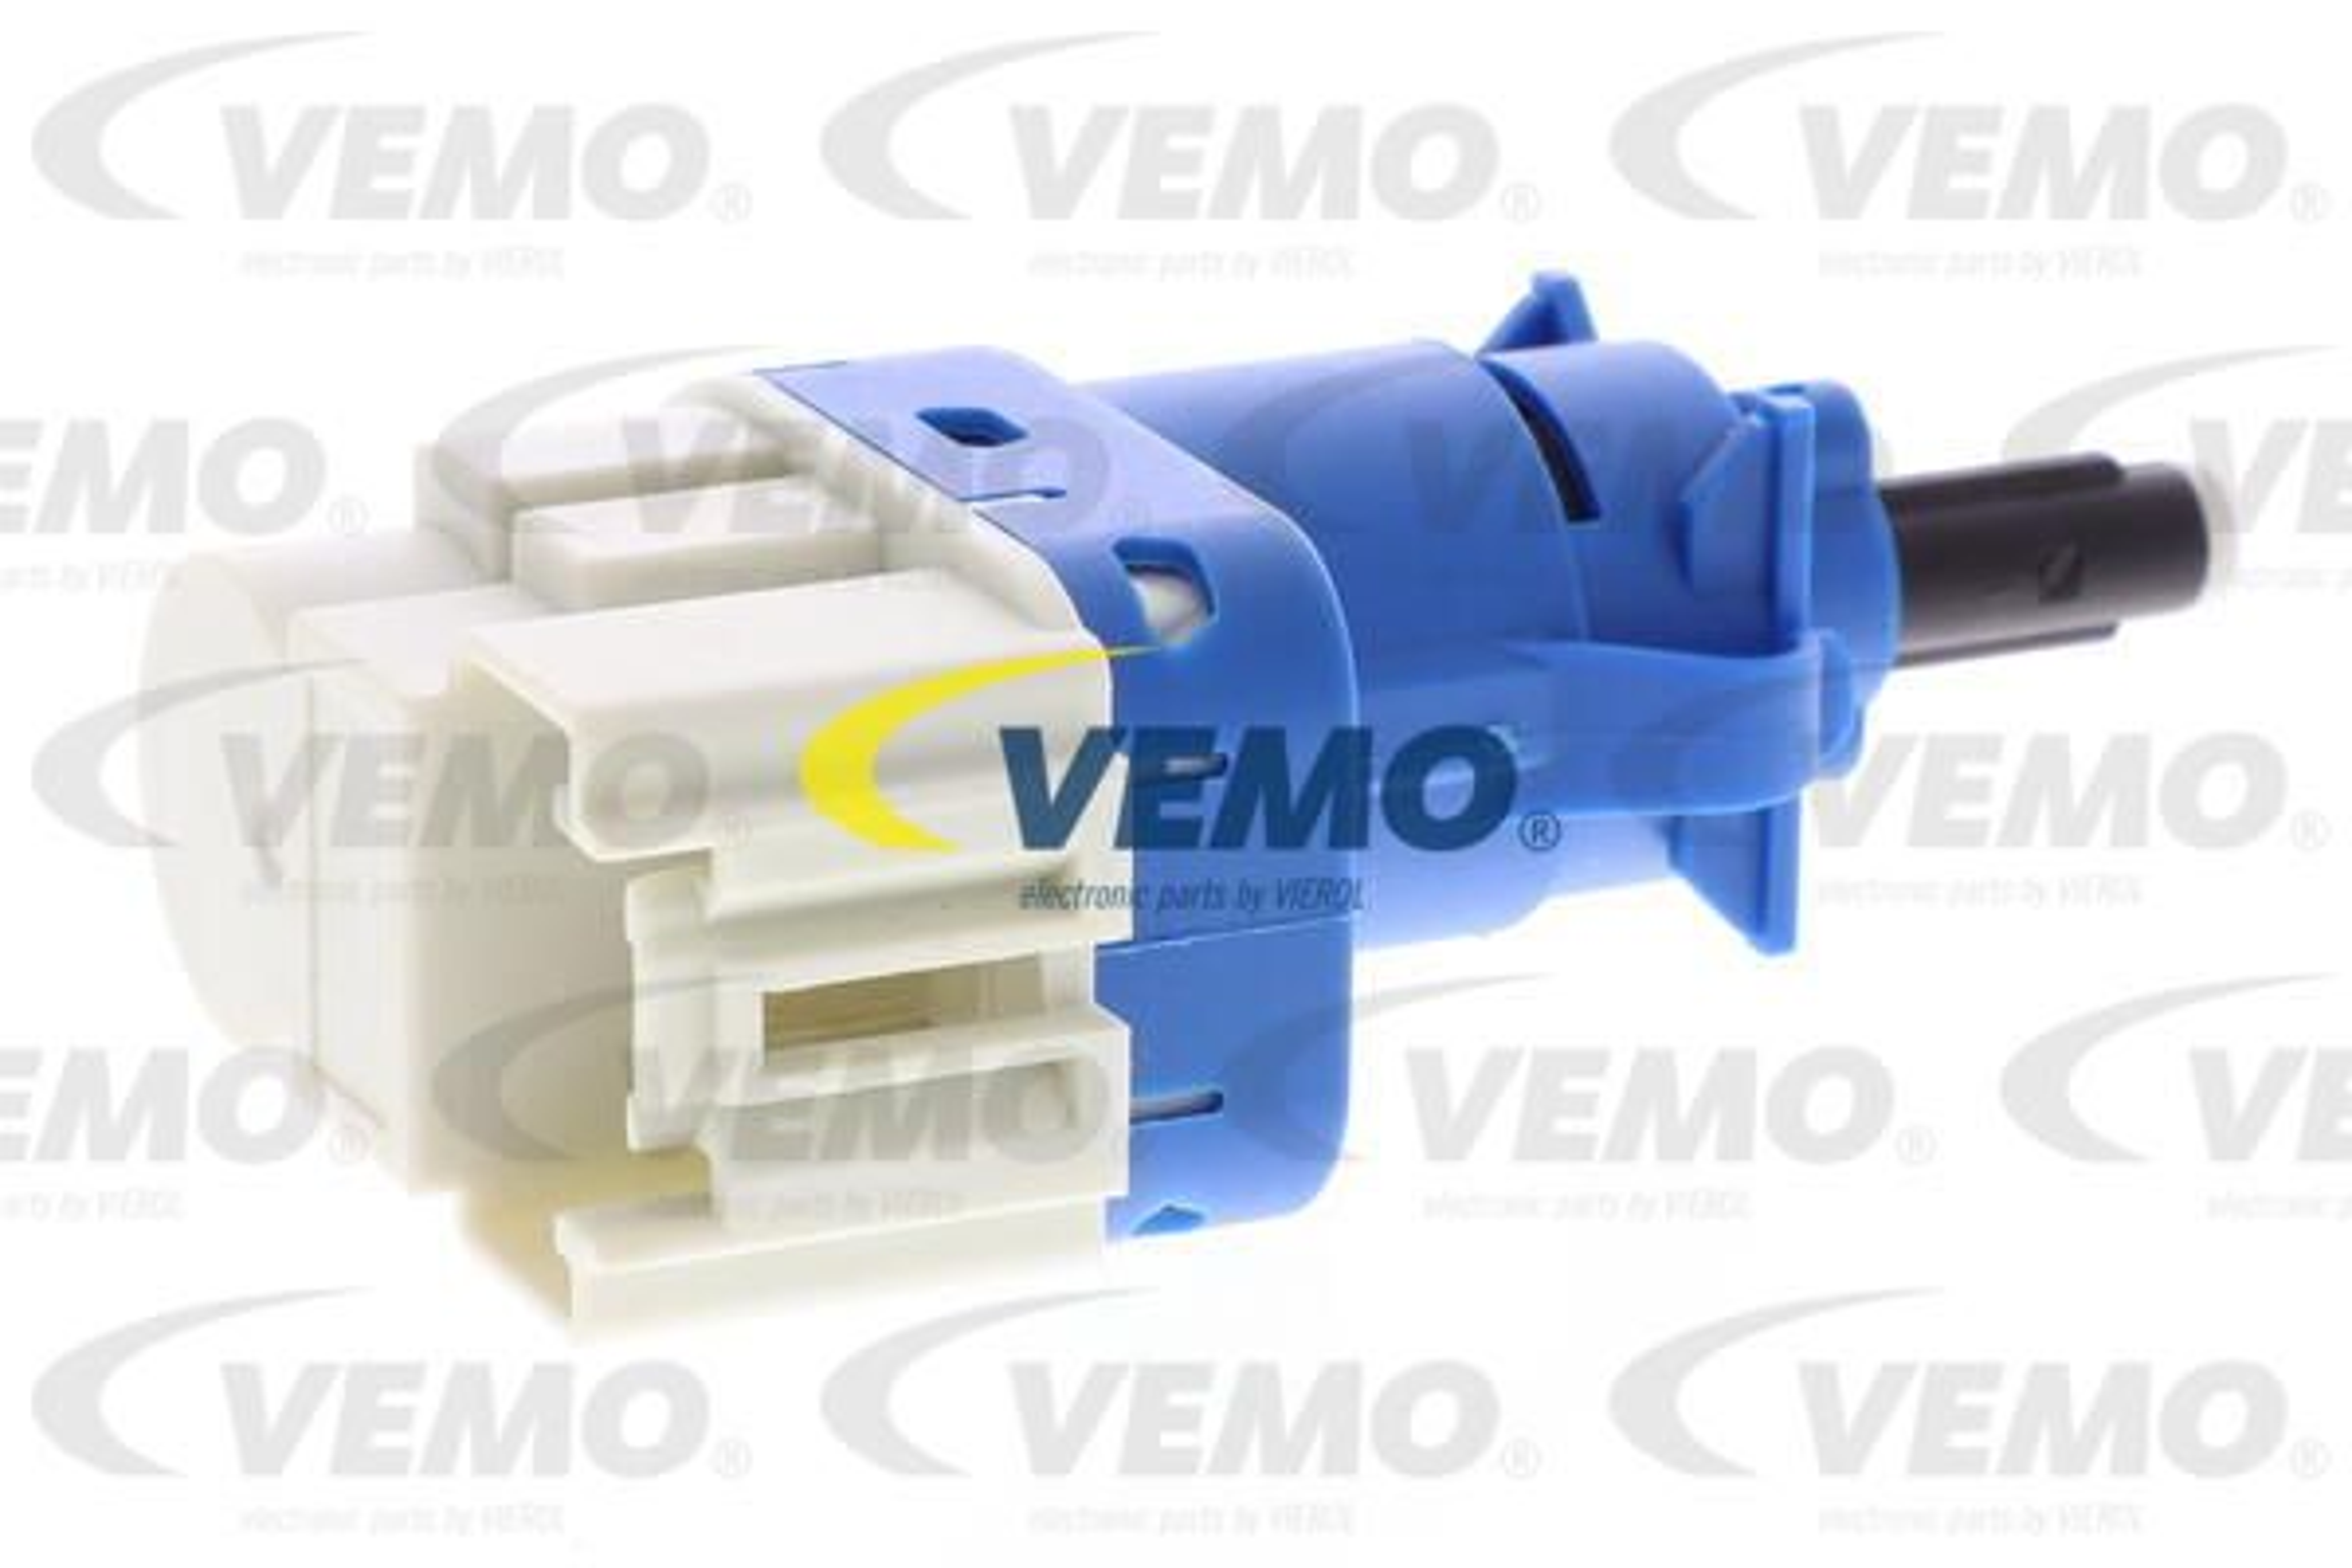 Bremslichtschalter V25-73-0138 XF Limousine (X250) 2.7 D 207 PS Premium Autoteile-Angebot